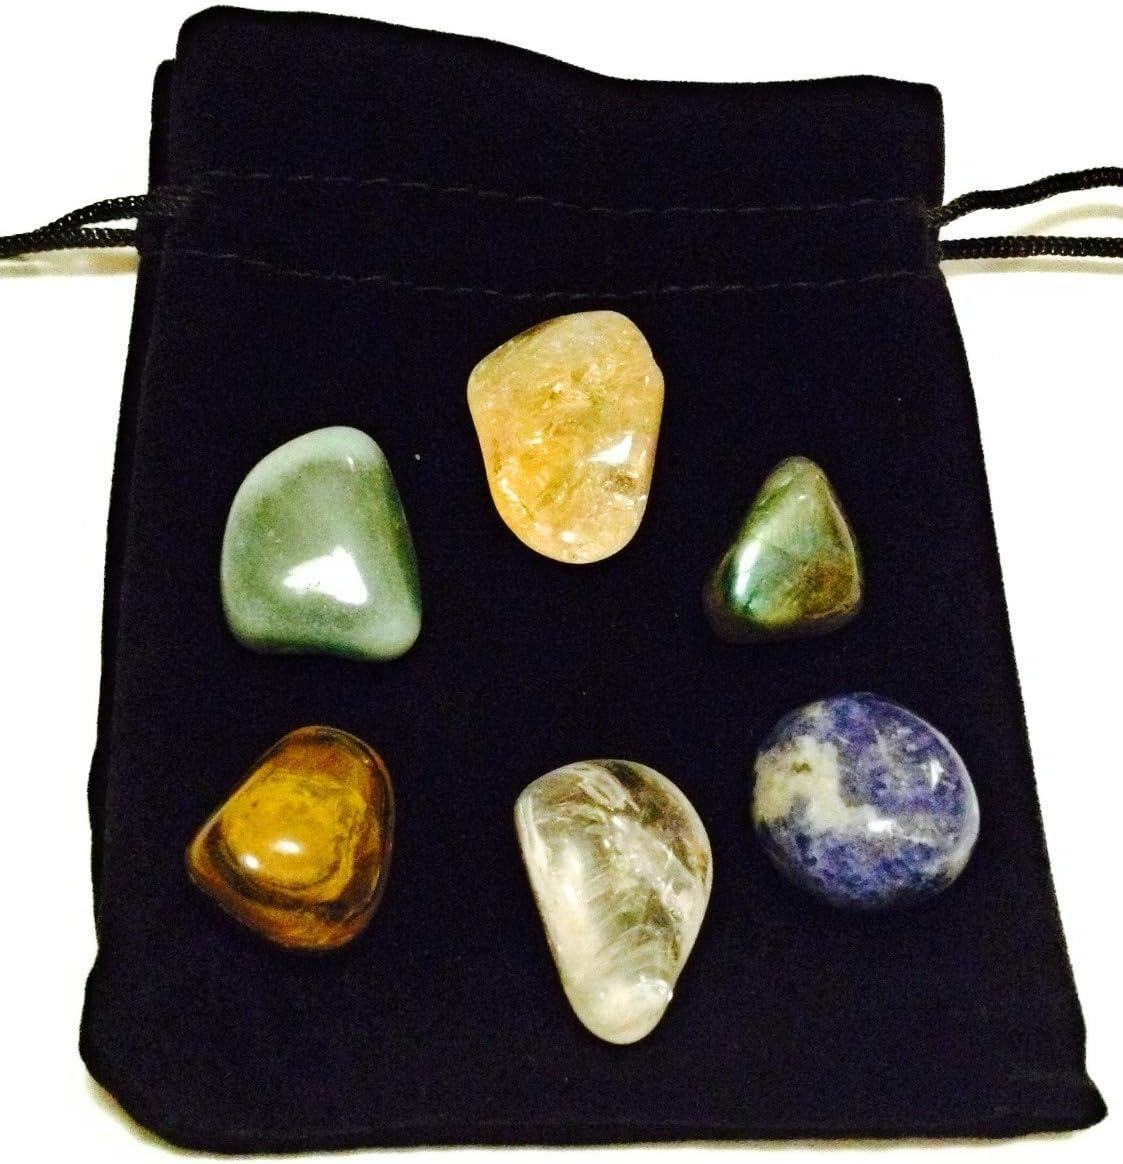 Paquete de 6 guijarros que atraen el dinero, incluye piedras de citrino, labradorita, cuarzo transparente, ojo de tigre, sodalita y aventurina verde